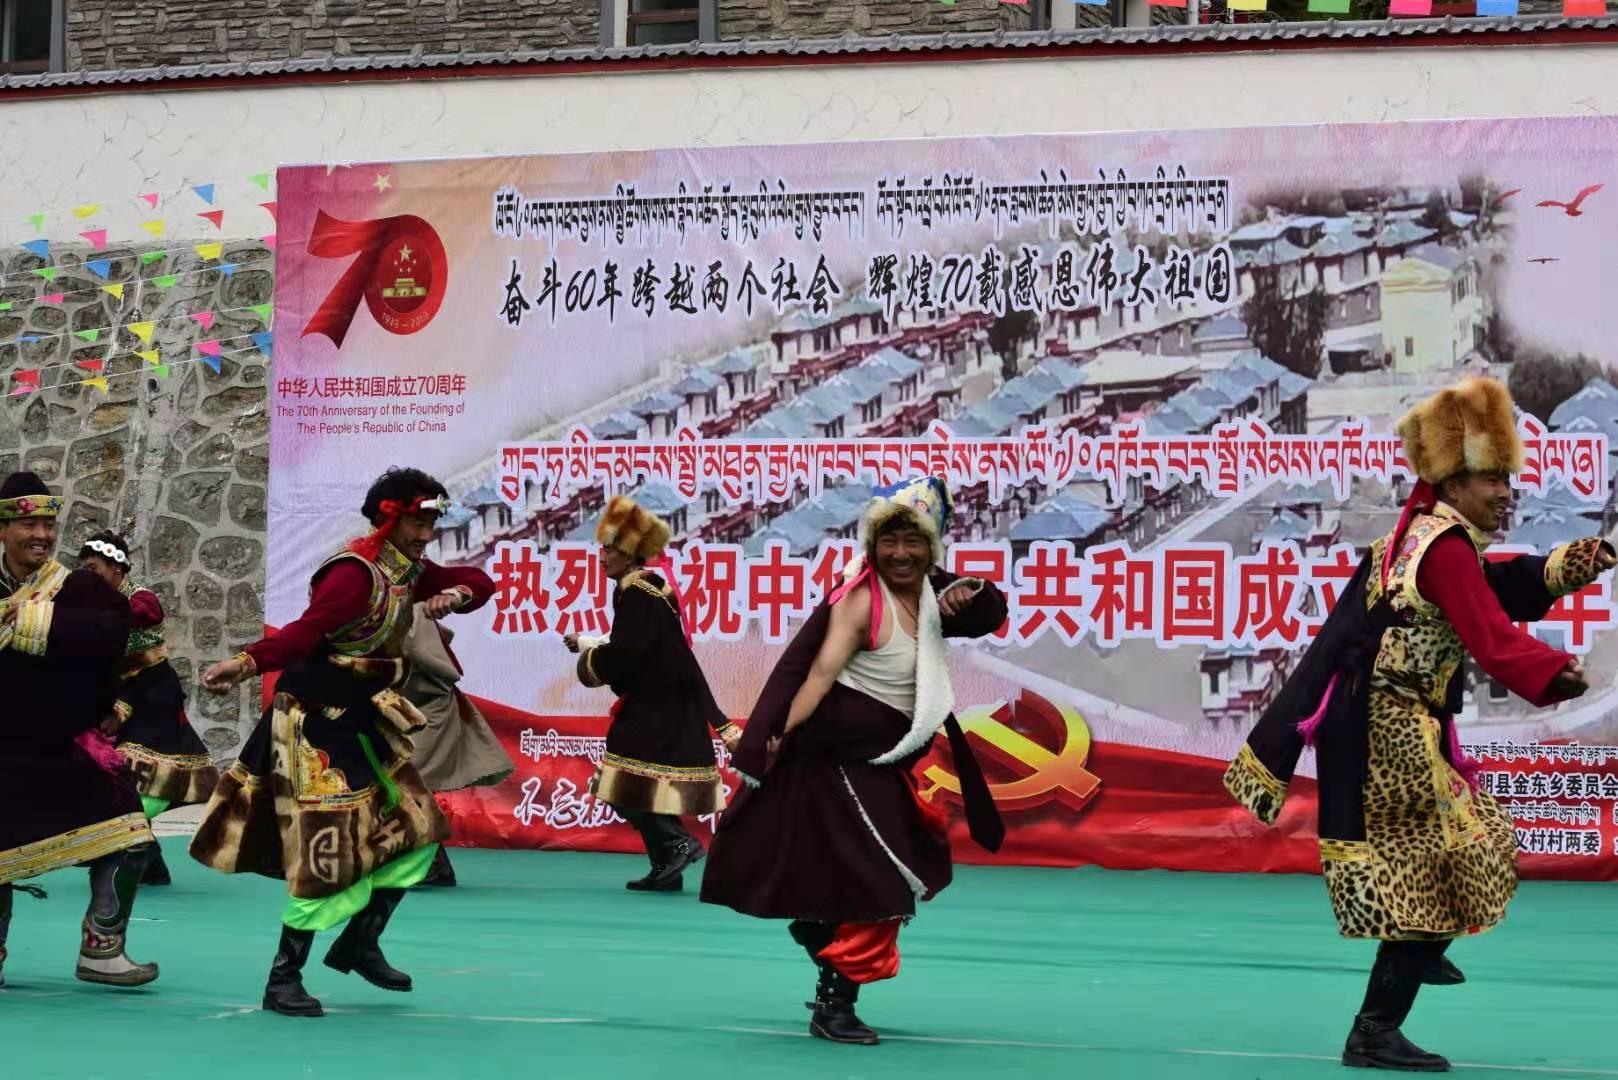 【天河两岸看西藏】庆祝新中国成立70周年暨朗县金东乡来义小康示范村落成仪式举行